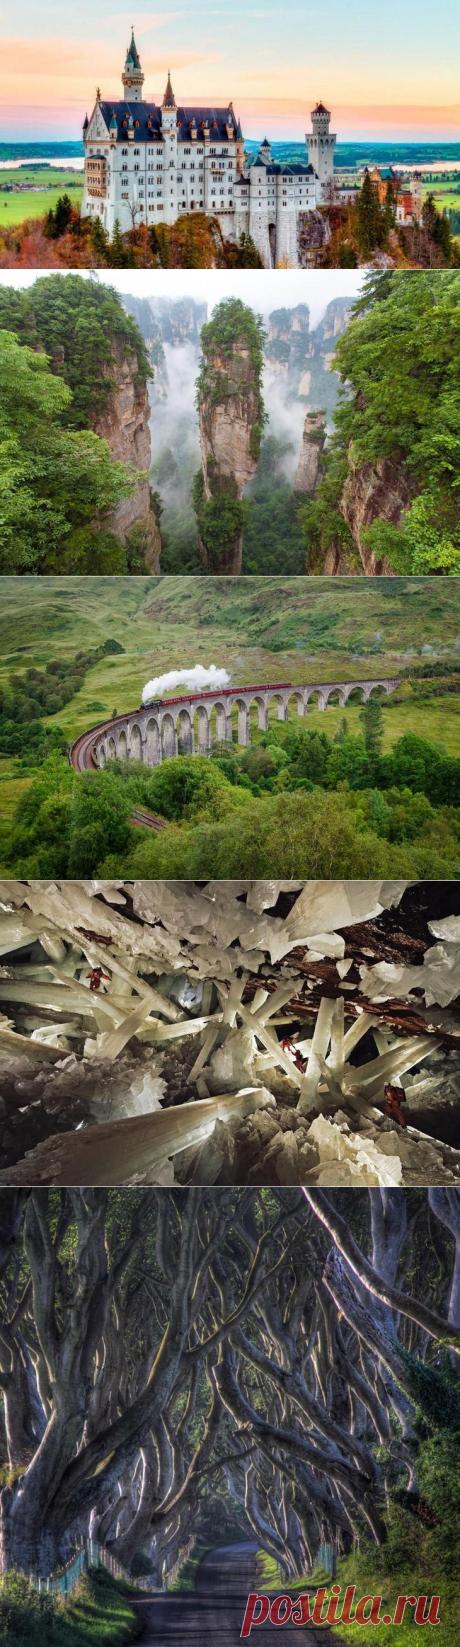 20 реально существующих мест, которые выглядят словно вышли из сказок